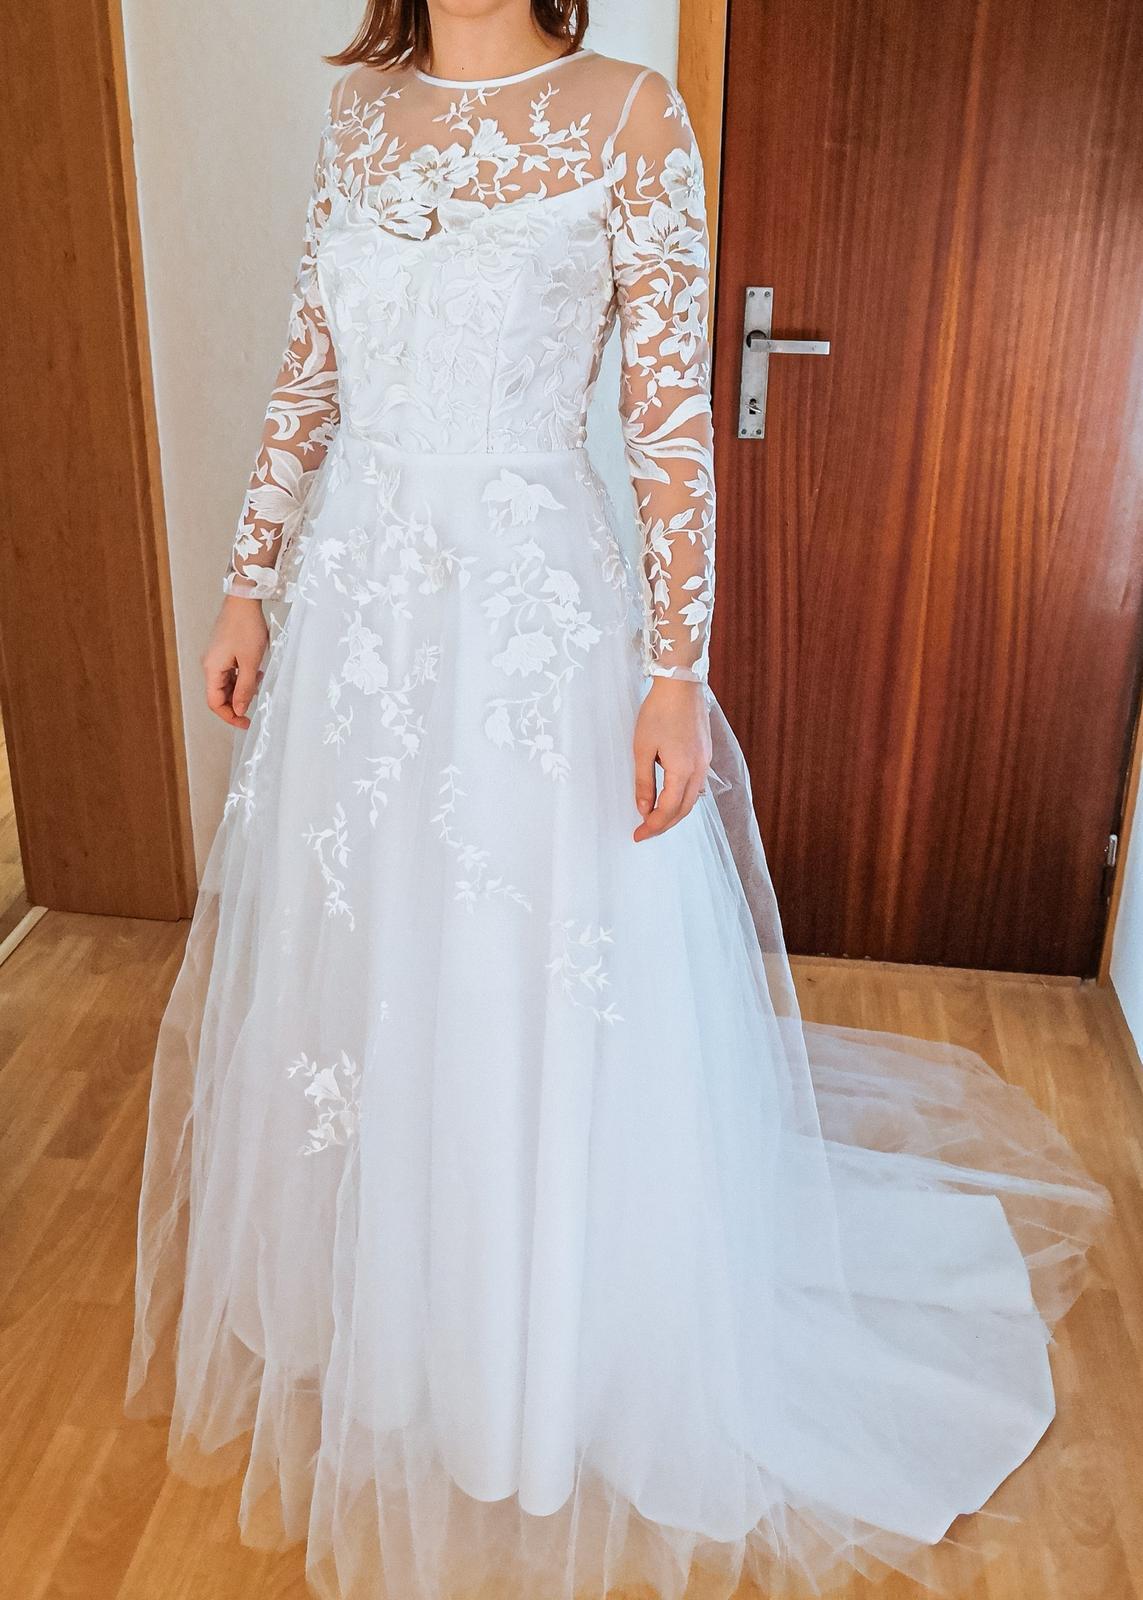 REZERVACE Svatební šaty - krajka, perličkY - Obrázek č. 1